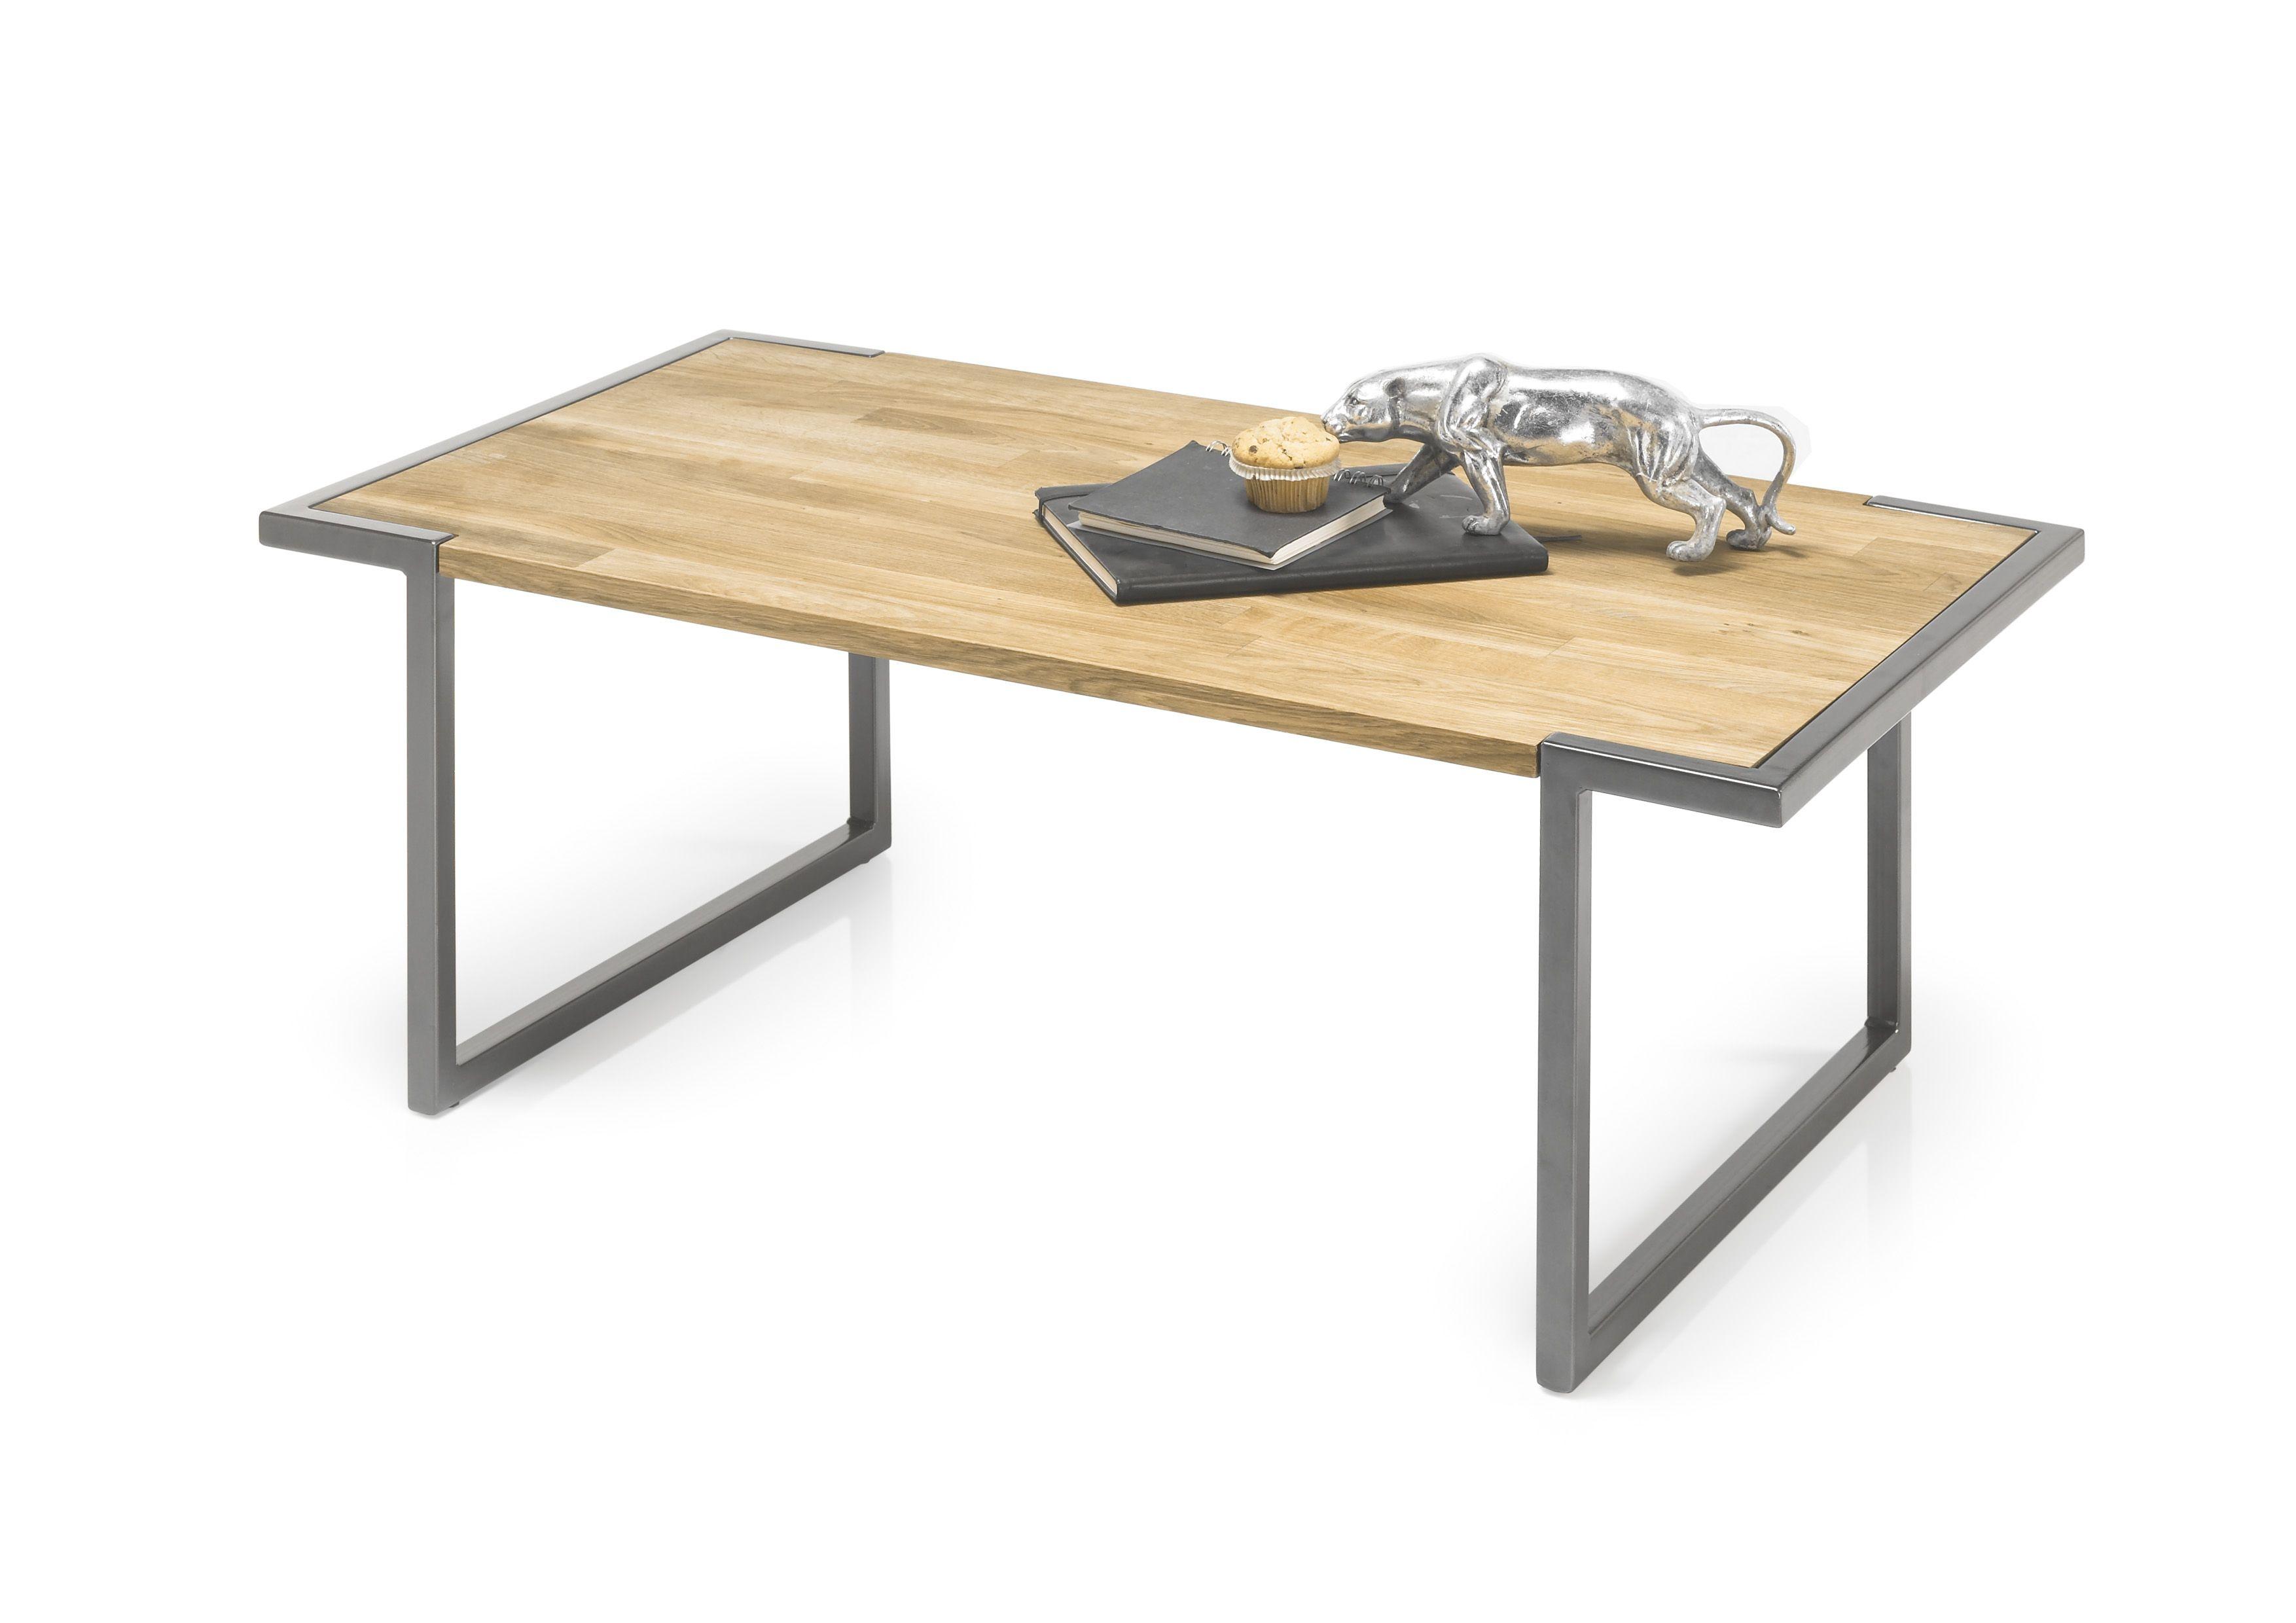 couchtisch vancouver beistelltisch wohnzimmertisch tisch. Black Bedroom Furniture Sets. Home Design Ideas